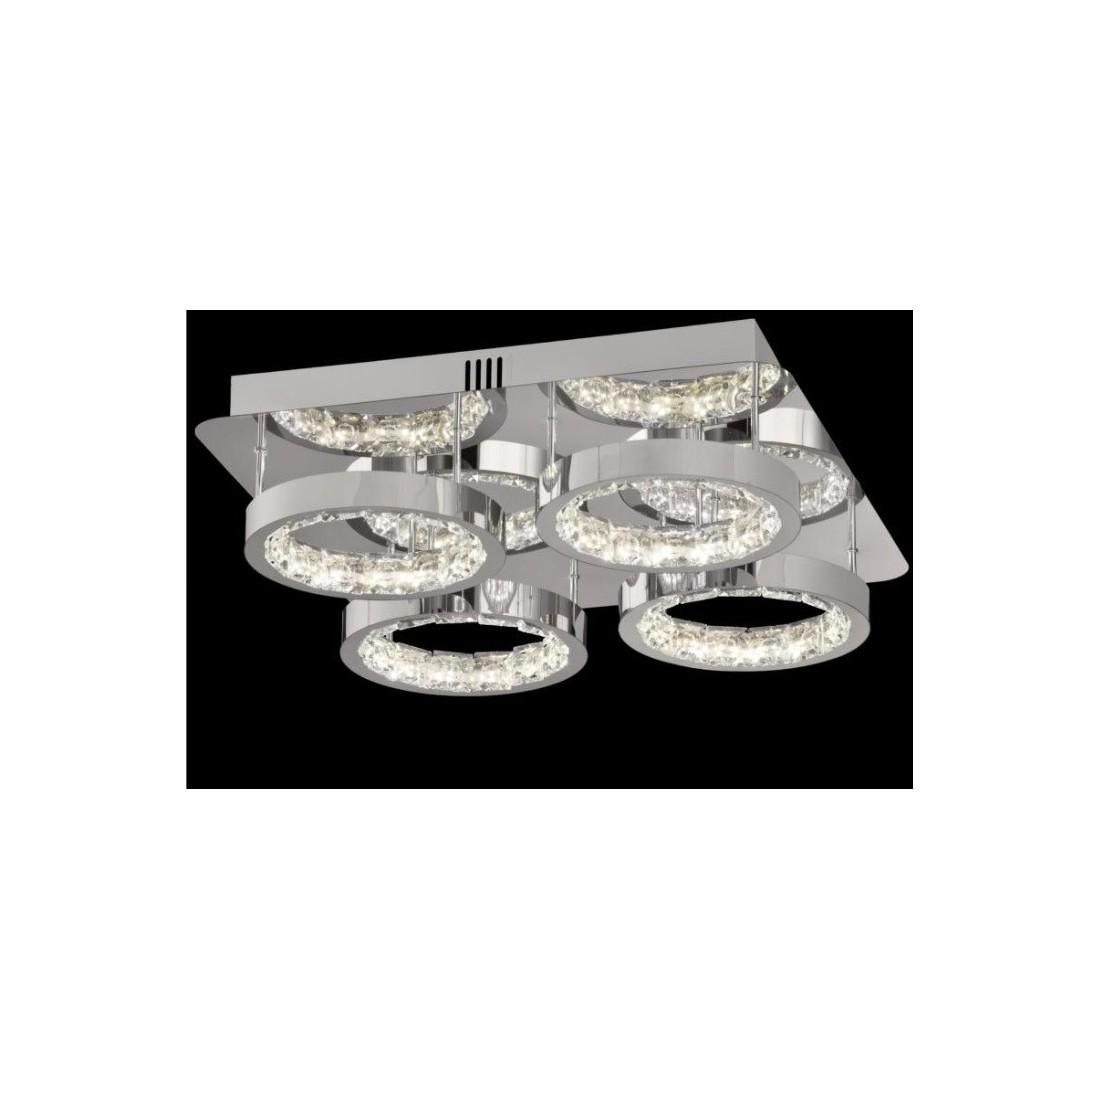 Luces de techo modernas con pantallas de tela redonda blanca - Iluminacion sevilla ...